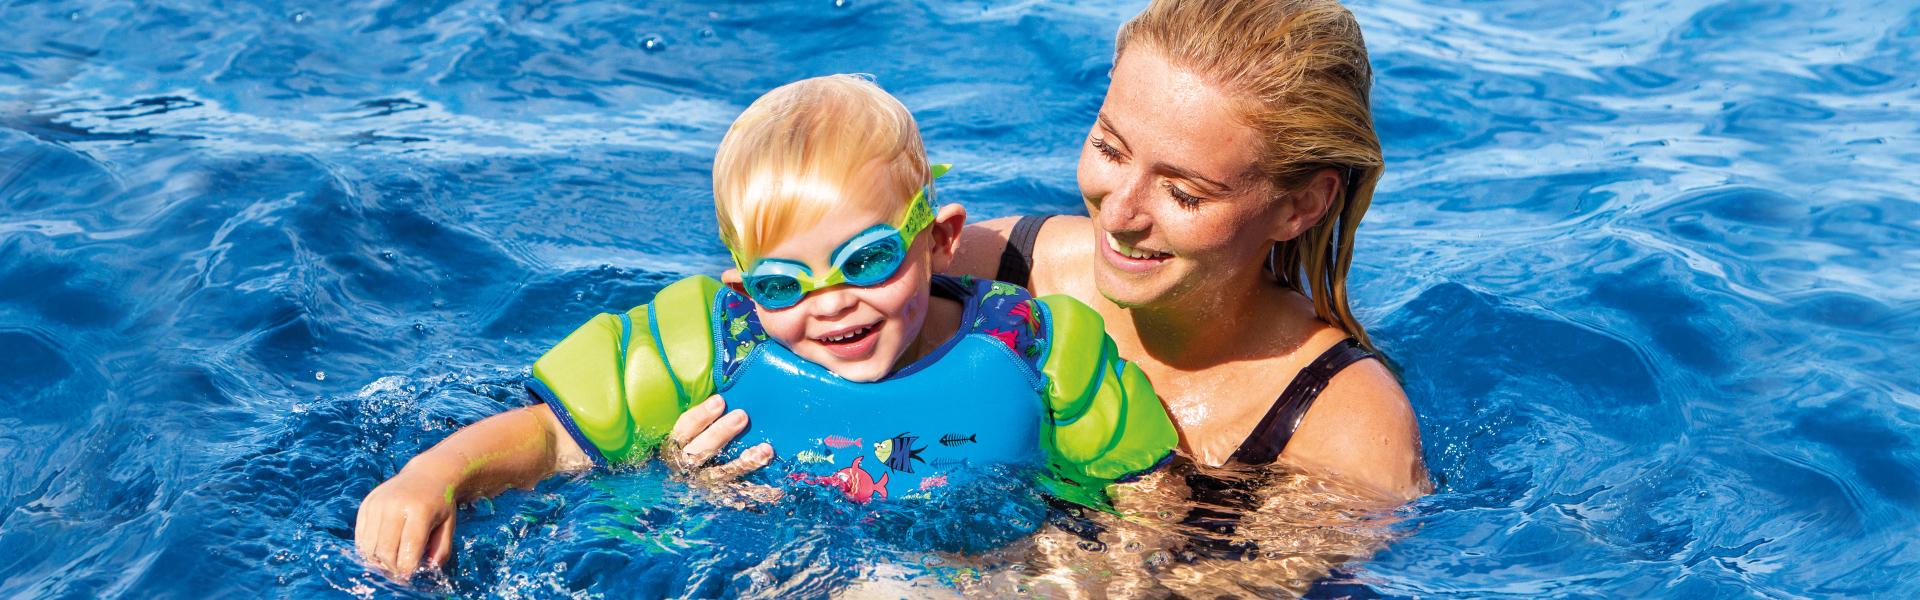 Top summer picks for kids